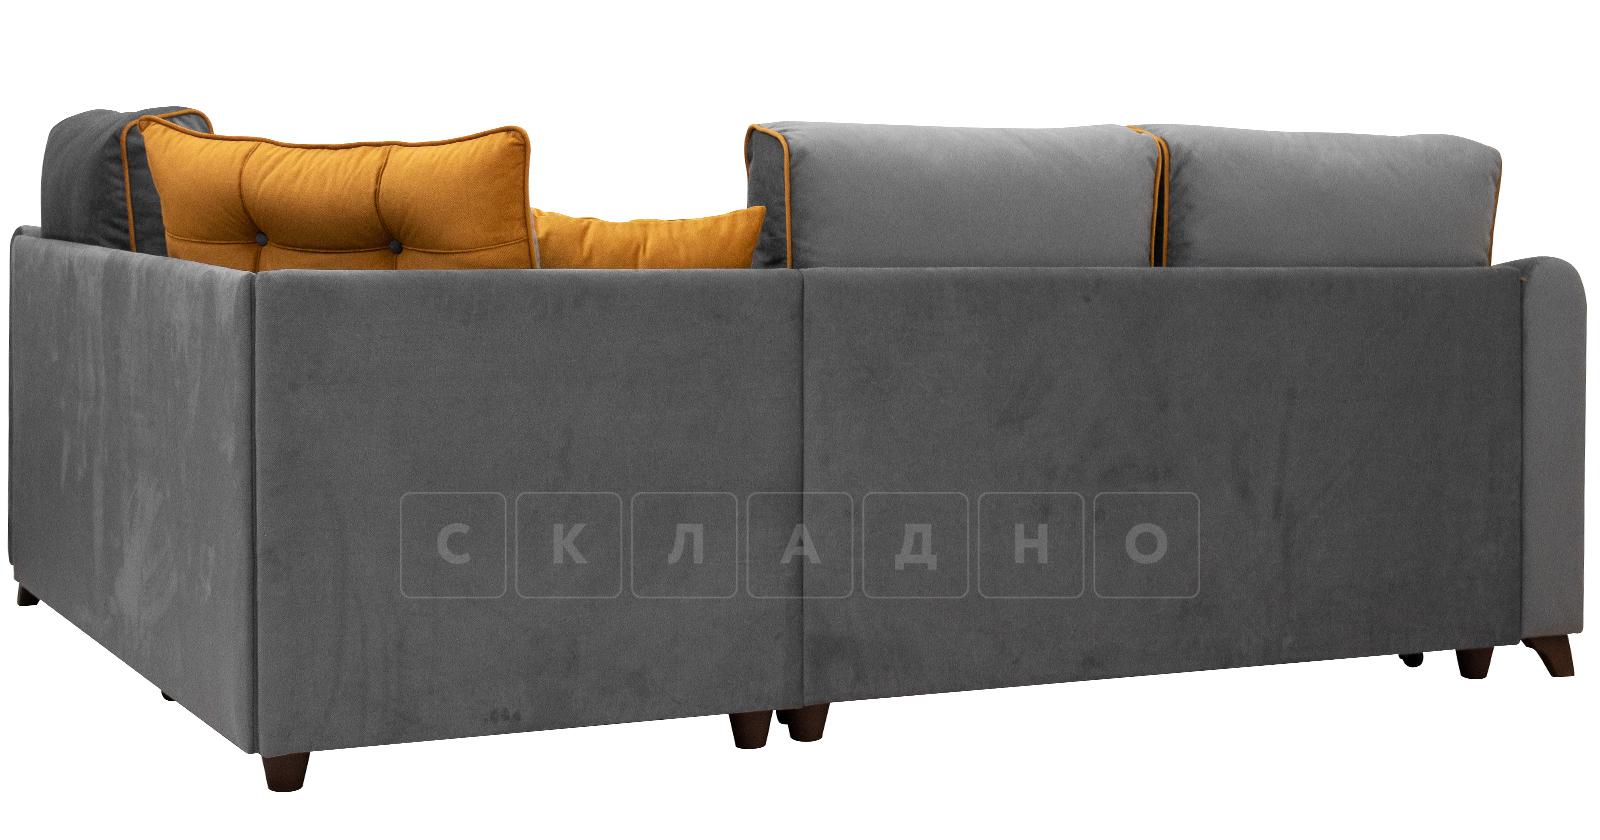 Диван-кровать угловой Флэтфорд кварцевый серый фото 3   интернет-магазин Складно